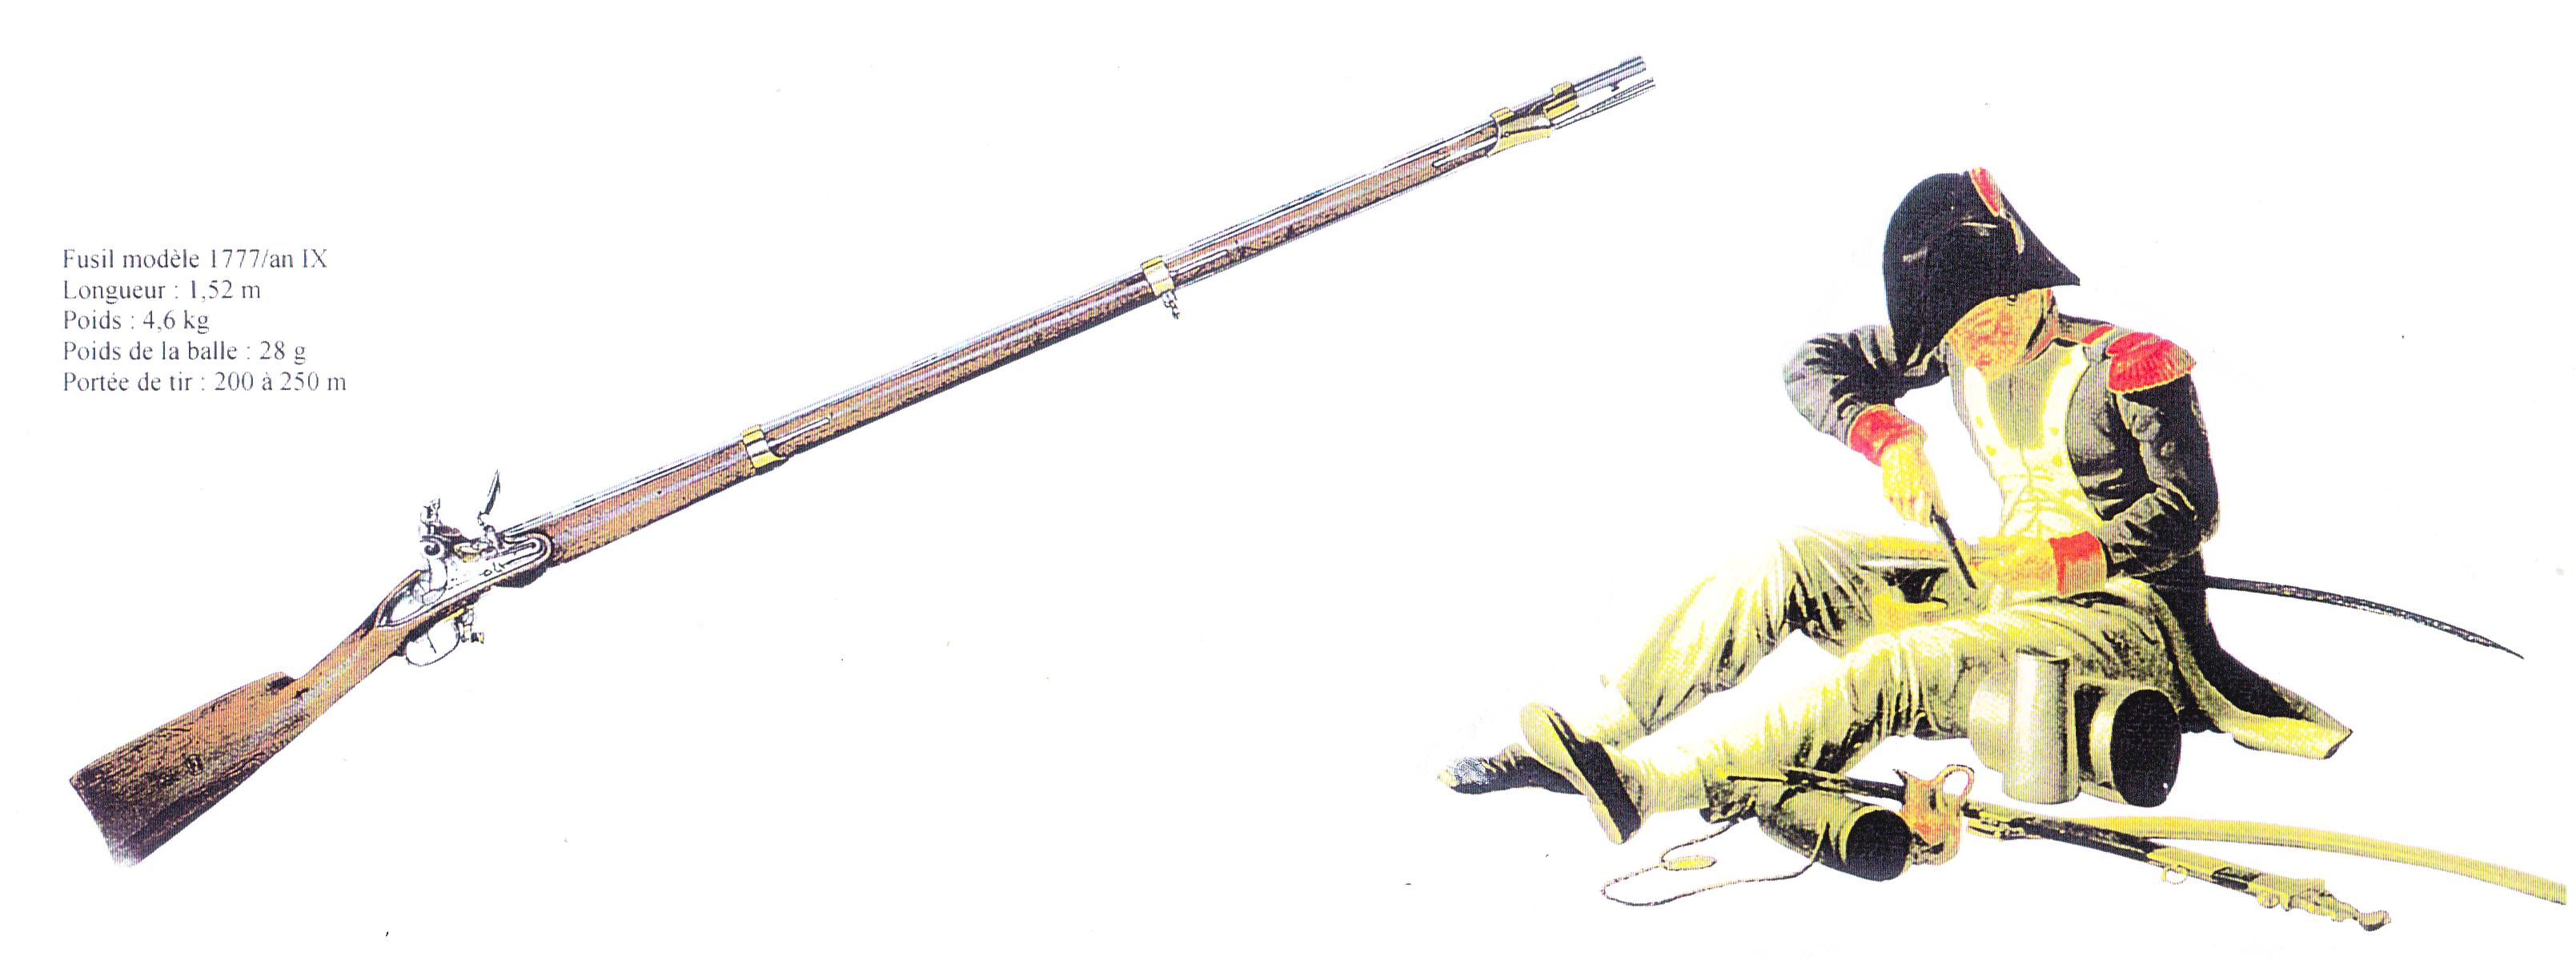 SH page 5 Fusil 1777 et Soldat